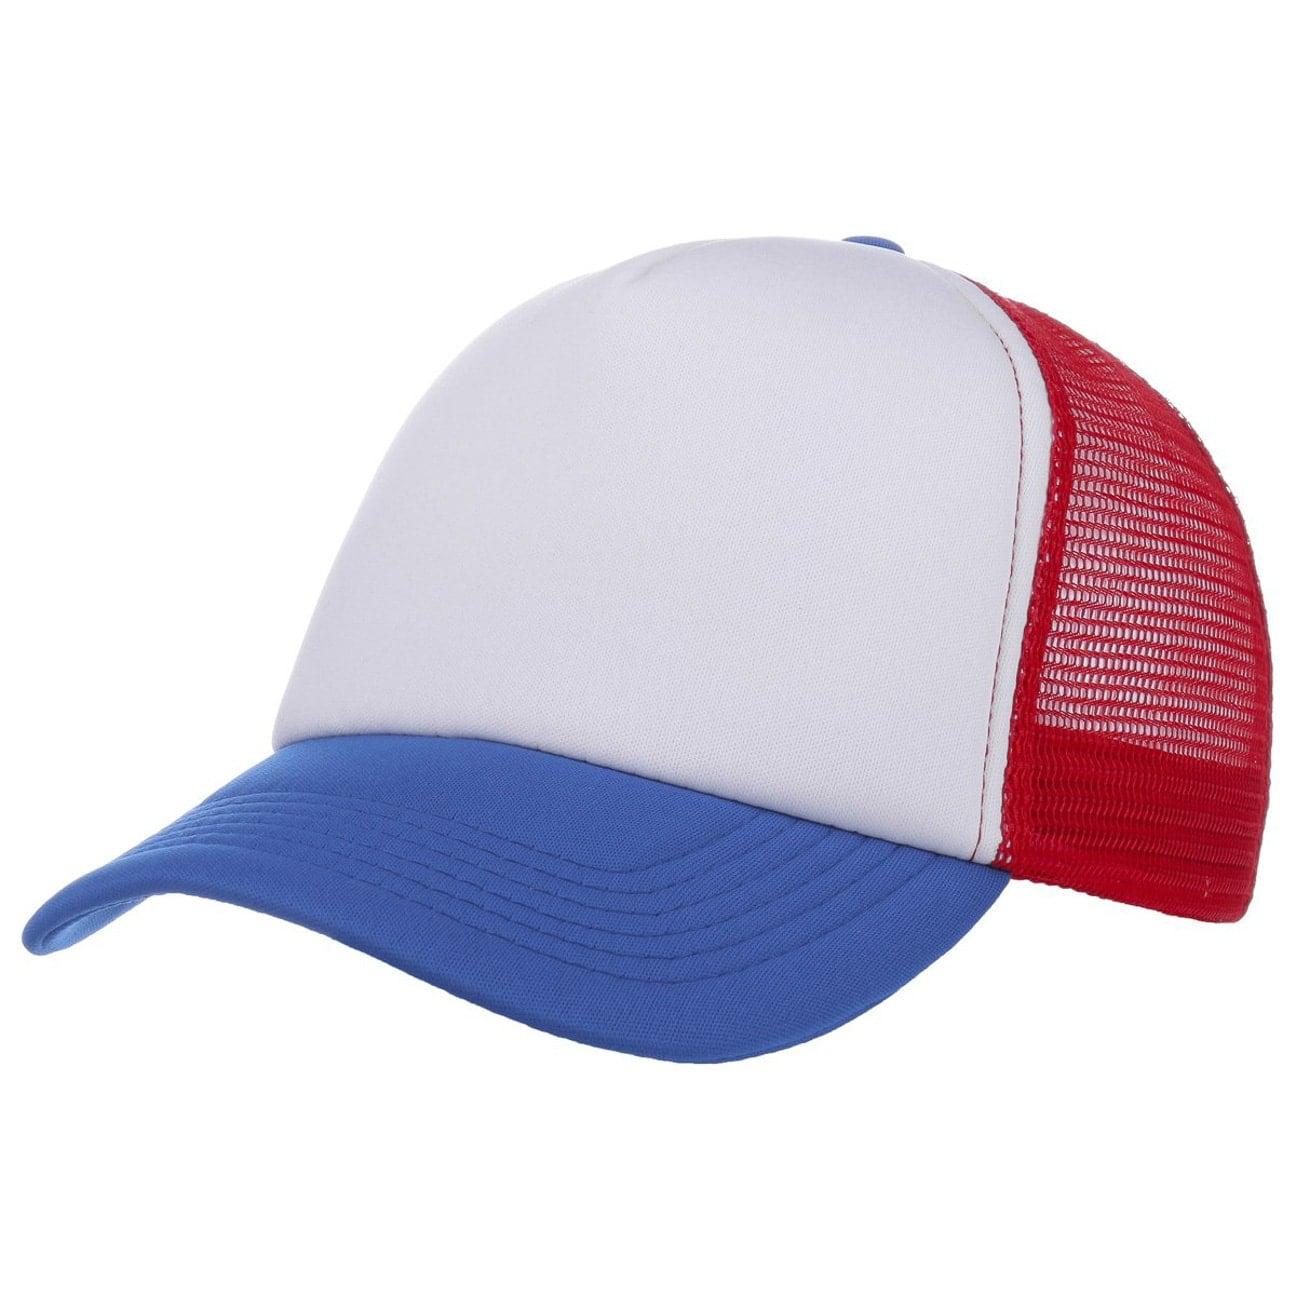 tricolore-rapper-cap-mesh-cap